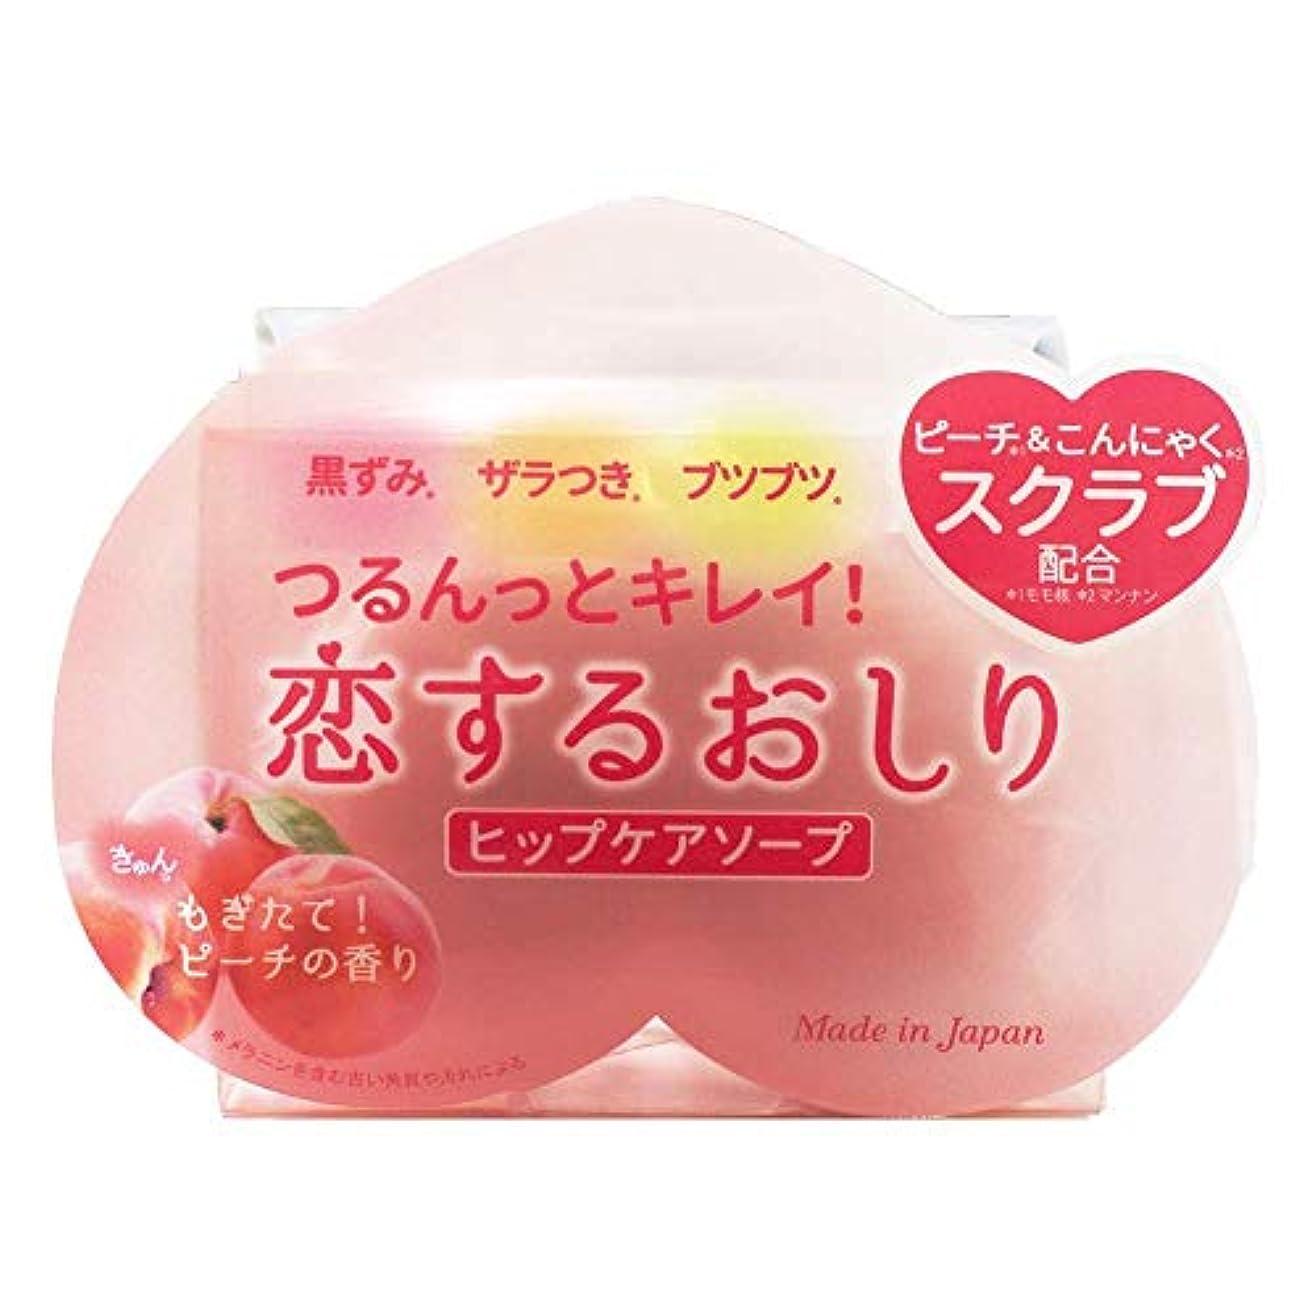 コンペたっぷり真実に【まとめ買い】ペリカン石鹸 恋するおしり ヒップケアソープ 80g×3個